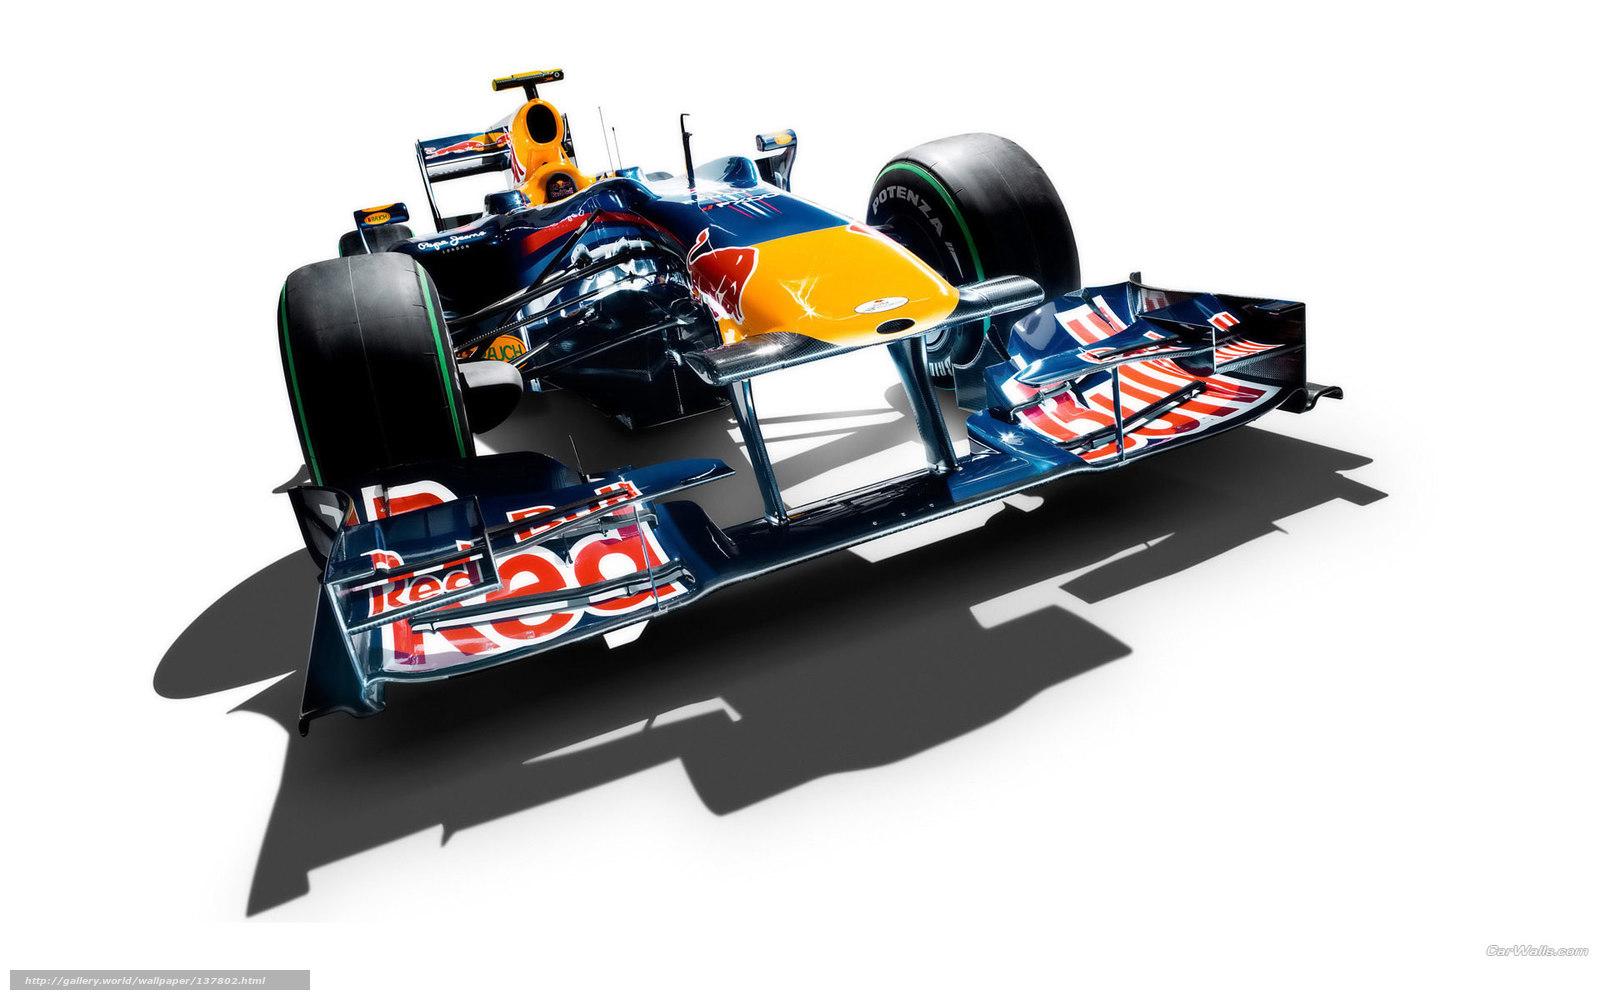 Скачать обои Red Bull,  F1,  авто,  машины бесплатно для рабочего стола в разрешении 1920x1200 — картинка №137802